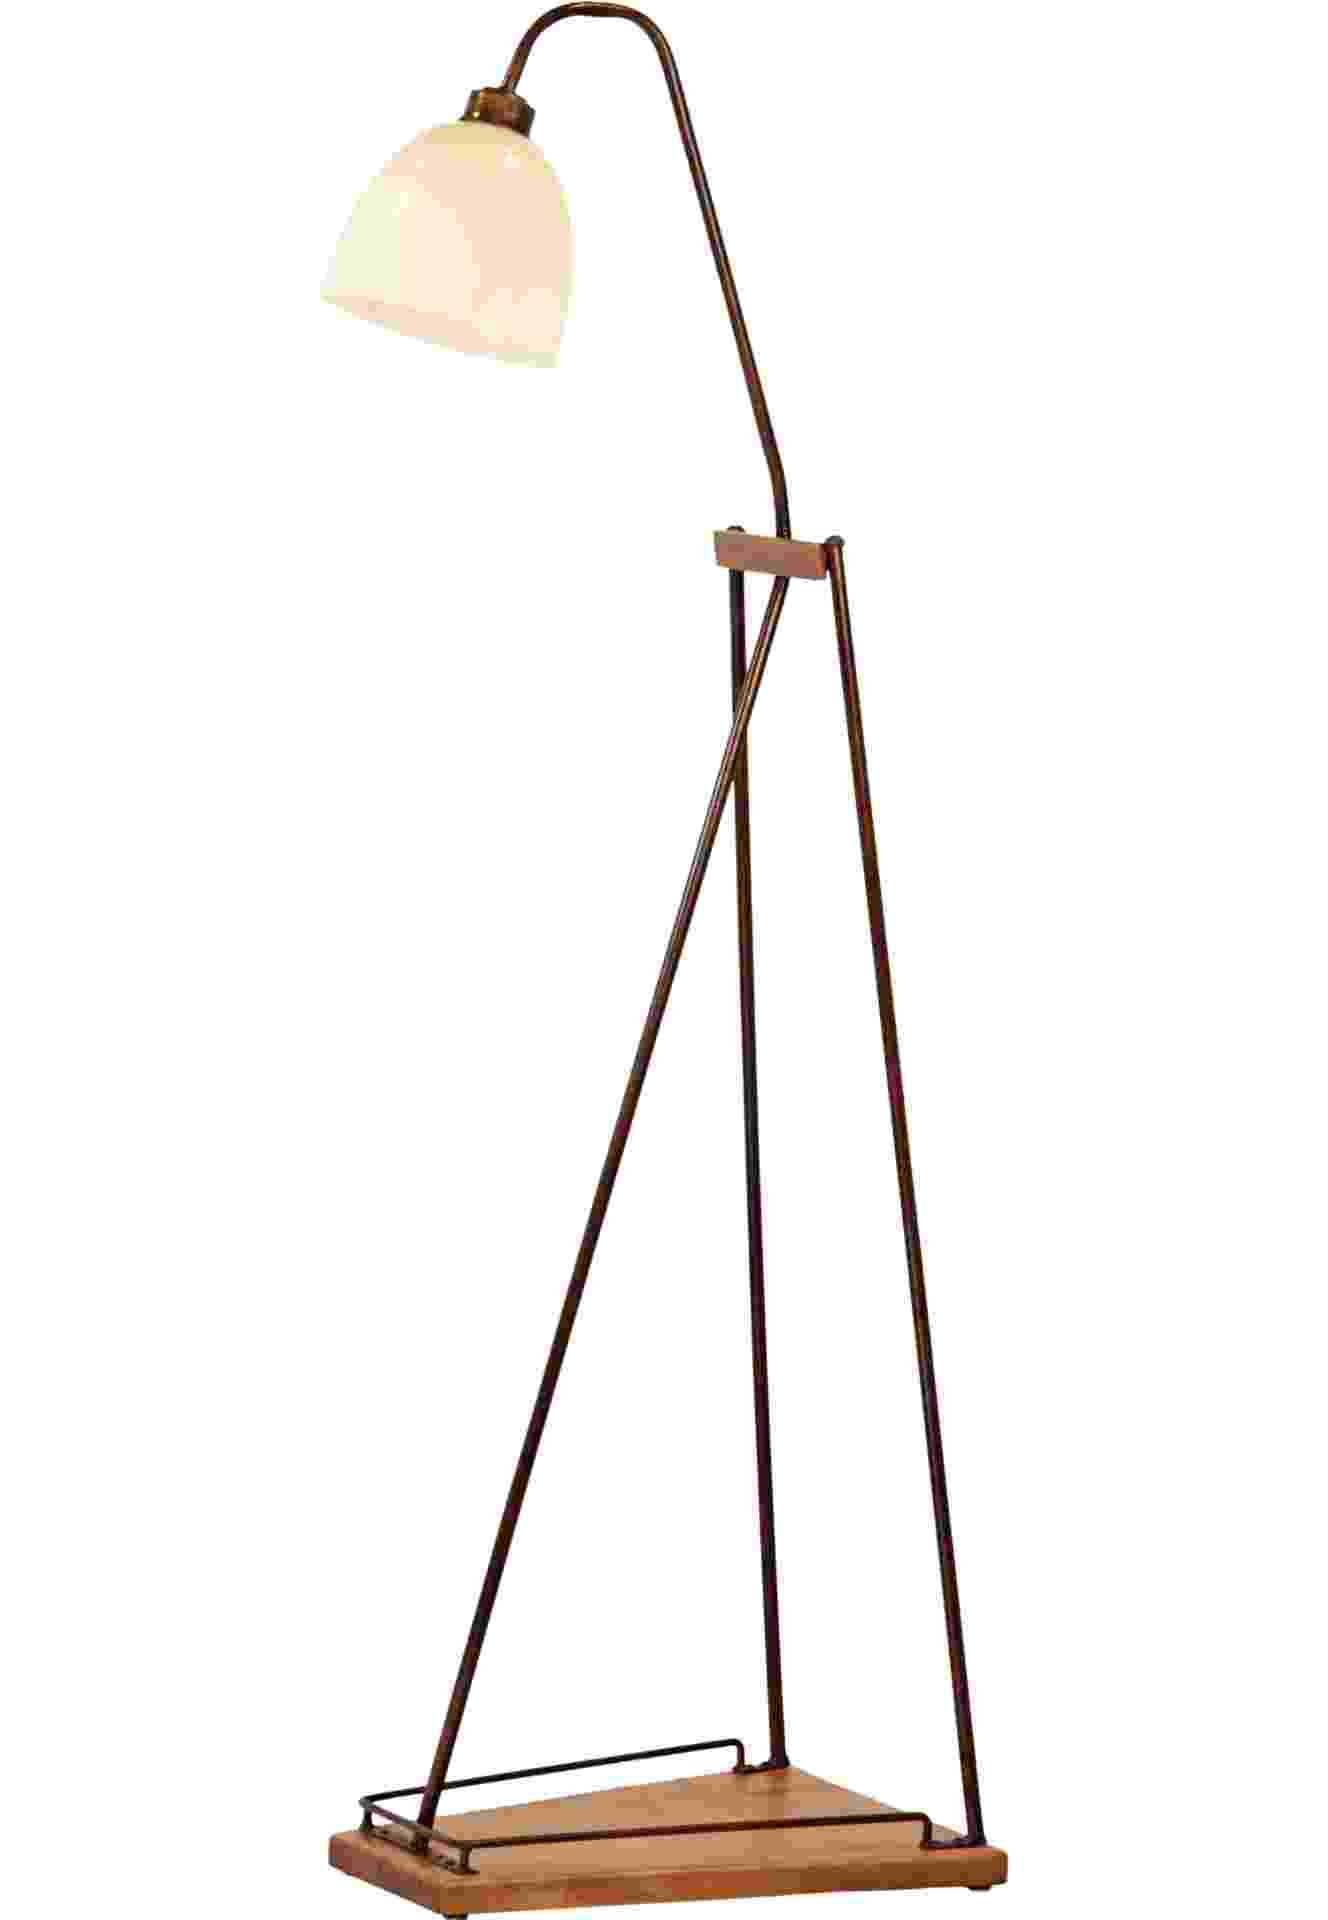 A luminária de piso do designer Cristiano Marzola, para a Reginez (www.reginez.com.br), é feita de madeira, latão e resina. A peça vem com base que serve como porta-livros e custa R$ 1.406 | Preço consultado em março de 2013 e sujeito a alterações - Divulgação